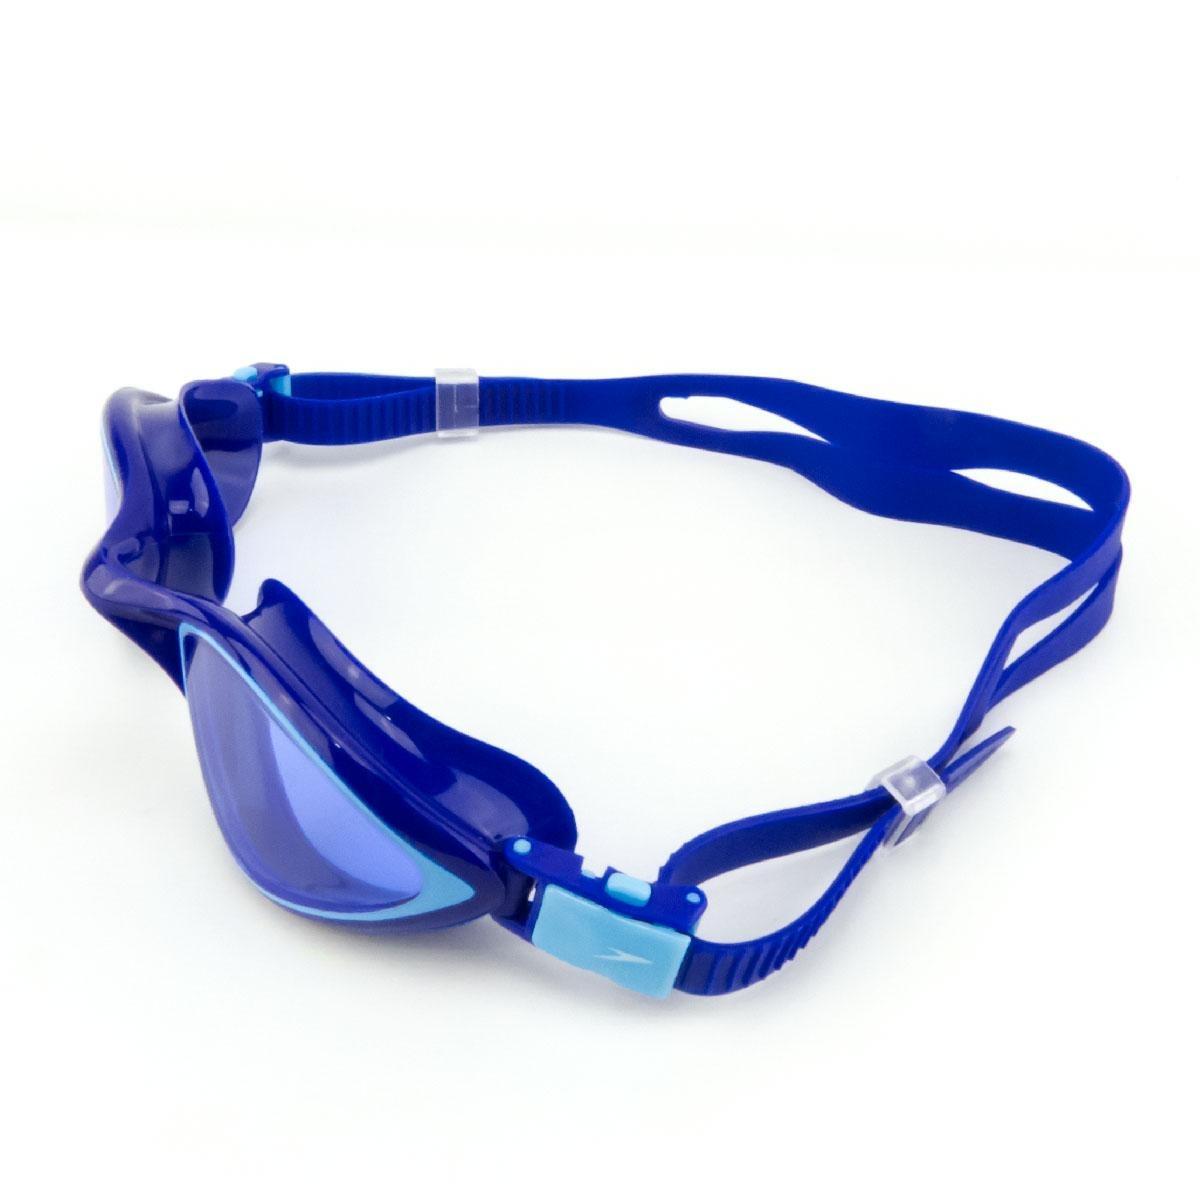 1bfc82af3fe54 Óculos De Natação Speedo Avatar - R  68,00 em Mercado Livre